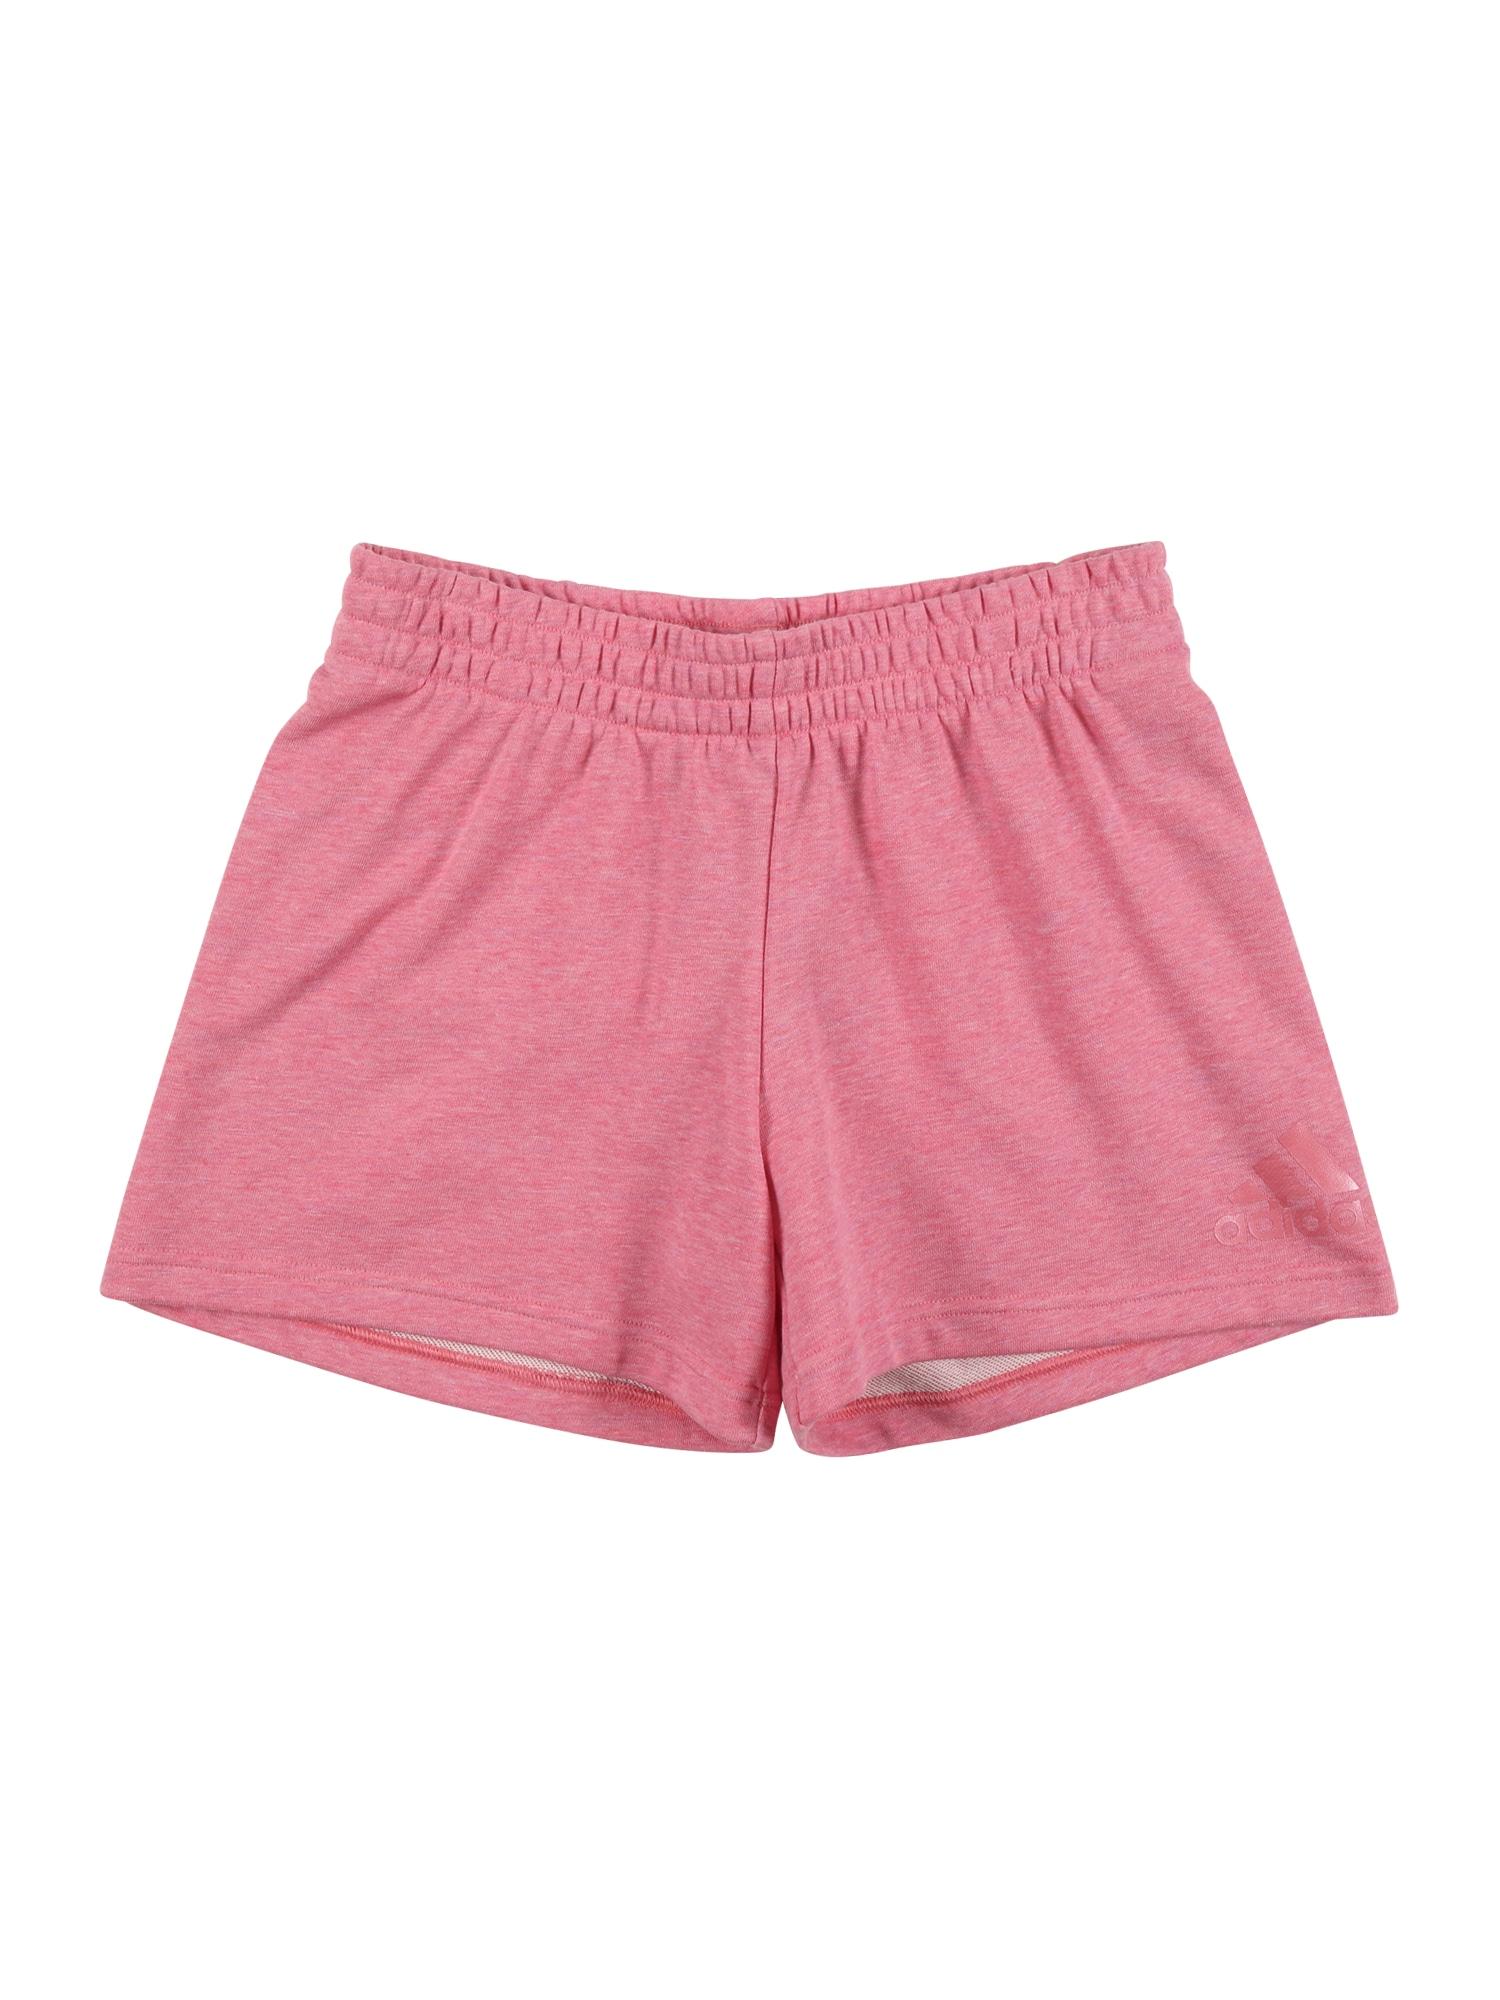 ADIDAS PERFORMANCE Sportinės kelnės 'BOS' rožinė